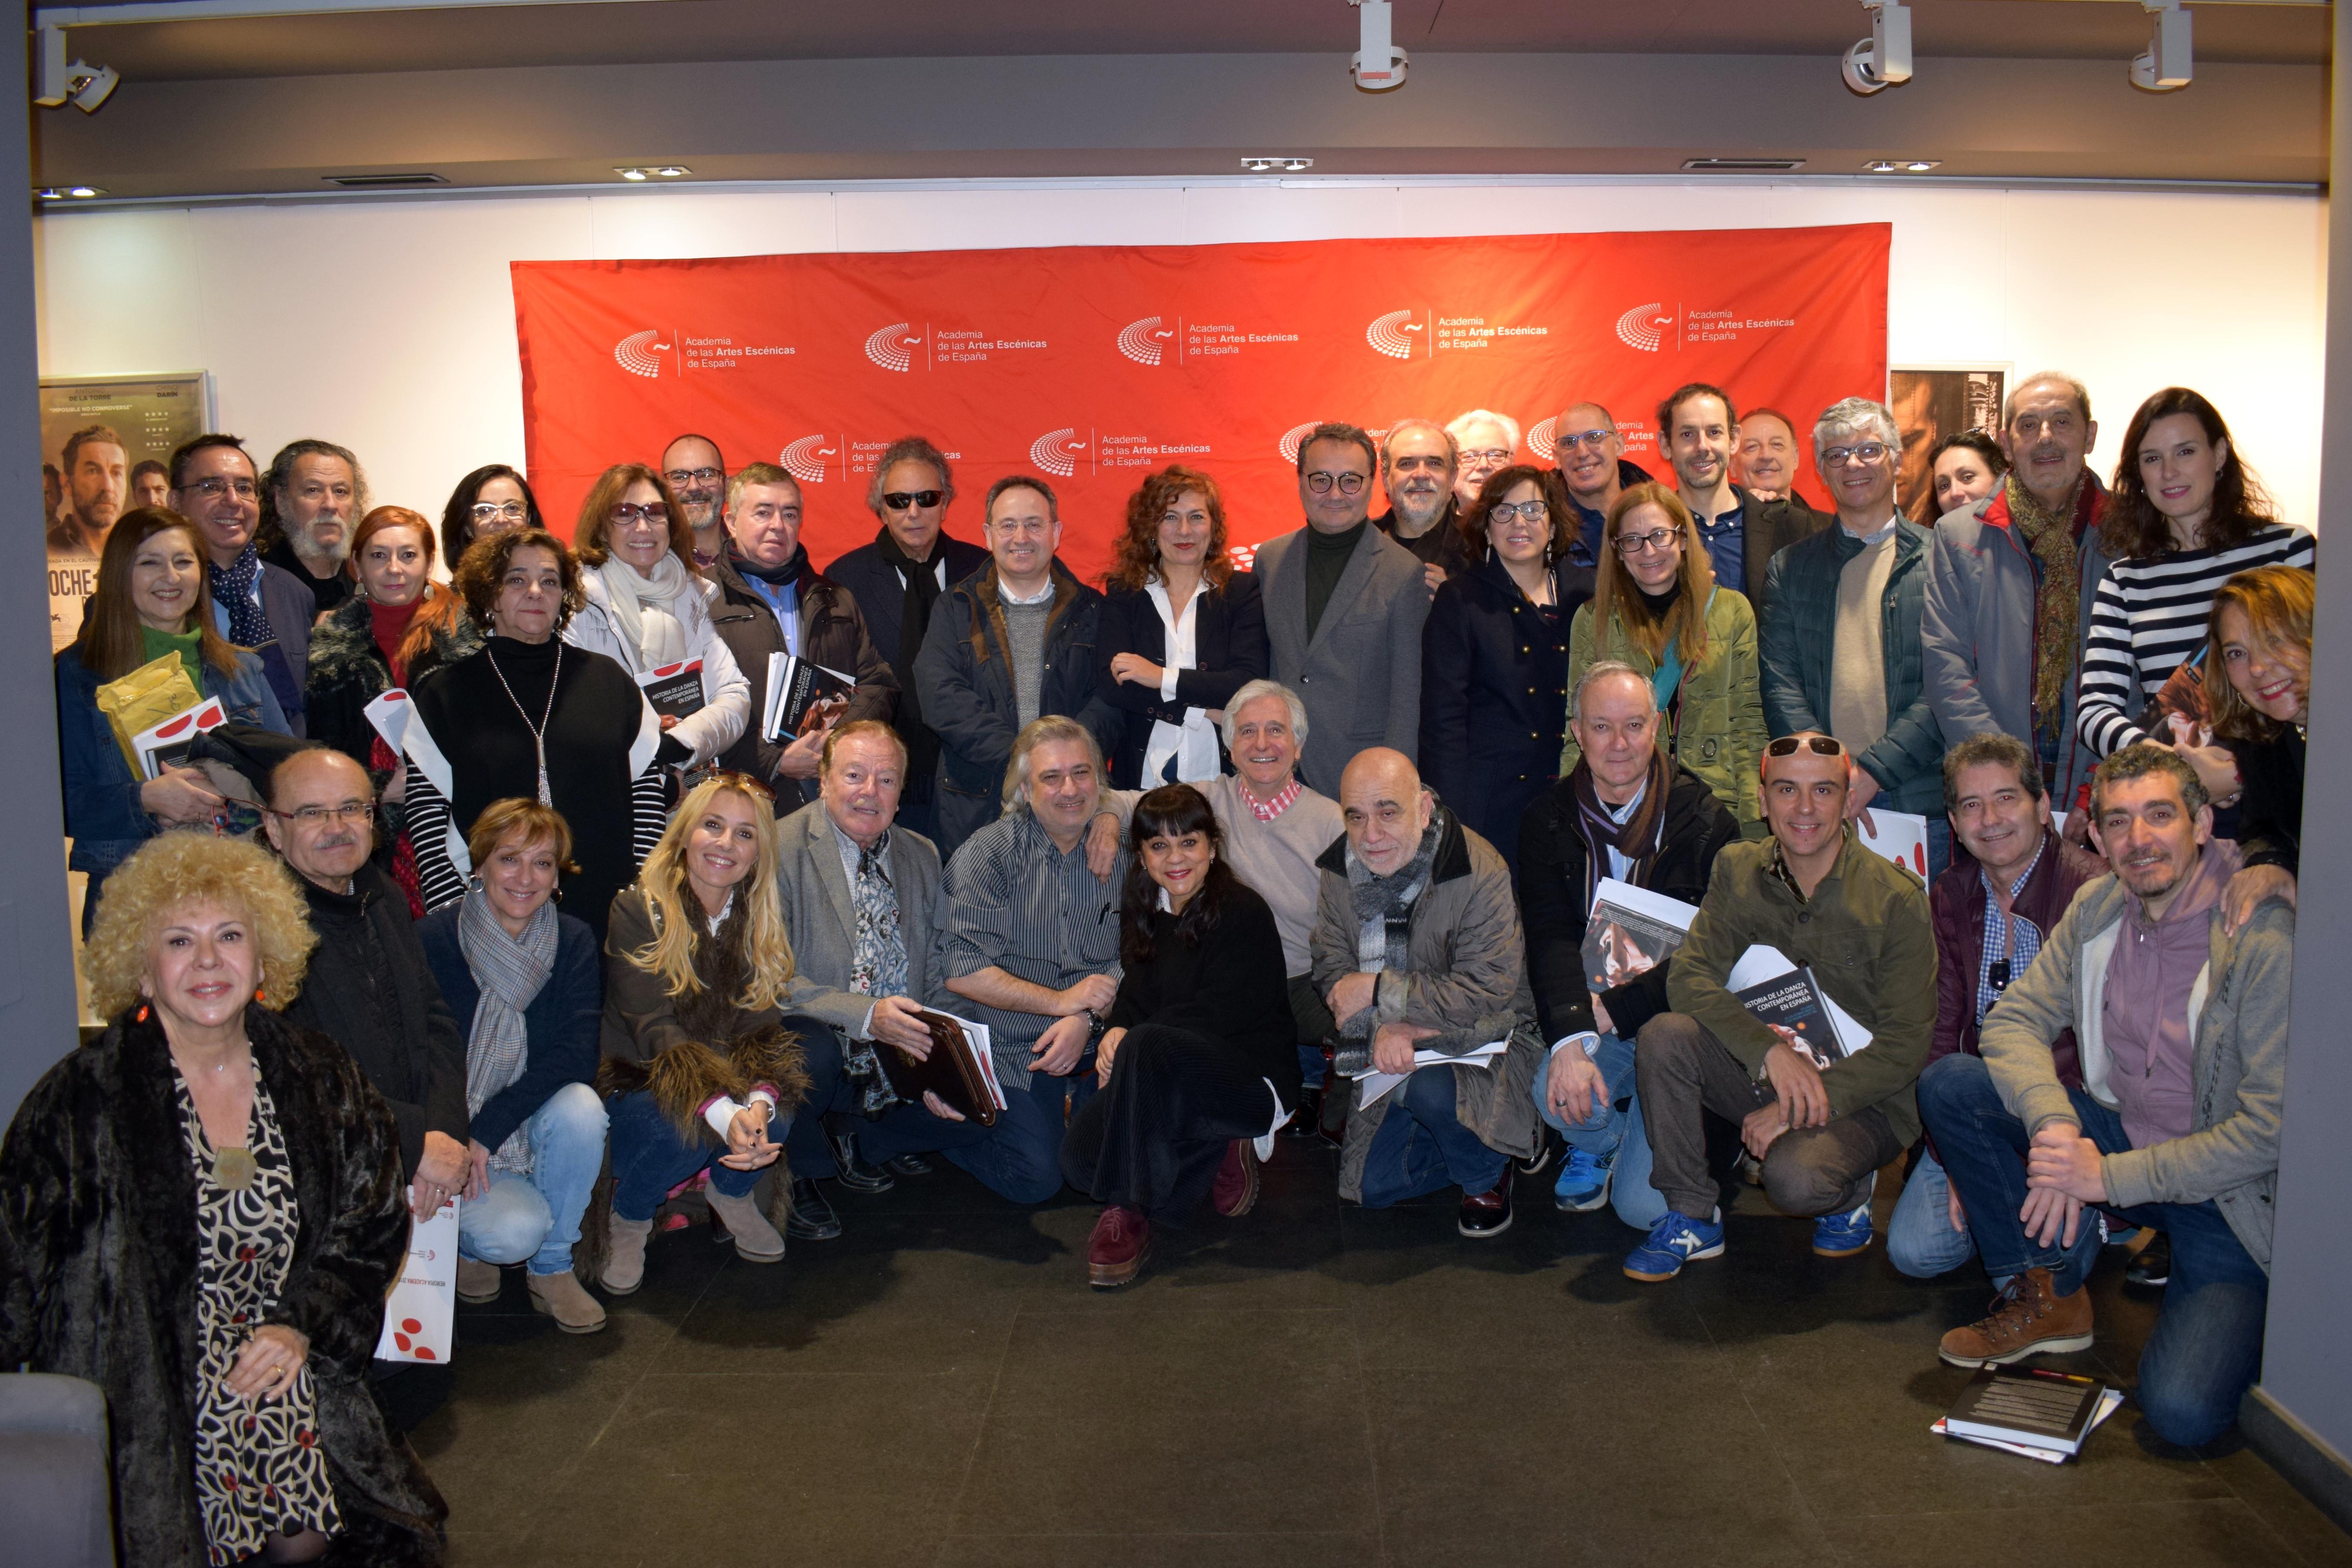 Foto de la familia de la Academia de las Artes Escénicas de España Jesús Cimarro durante la Asamblea General de la entidad el 9 de febrero de 2019